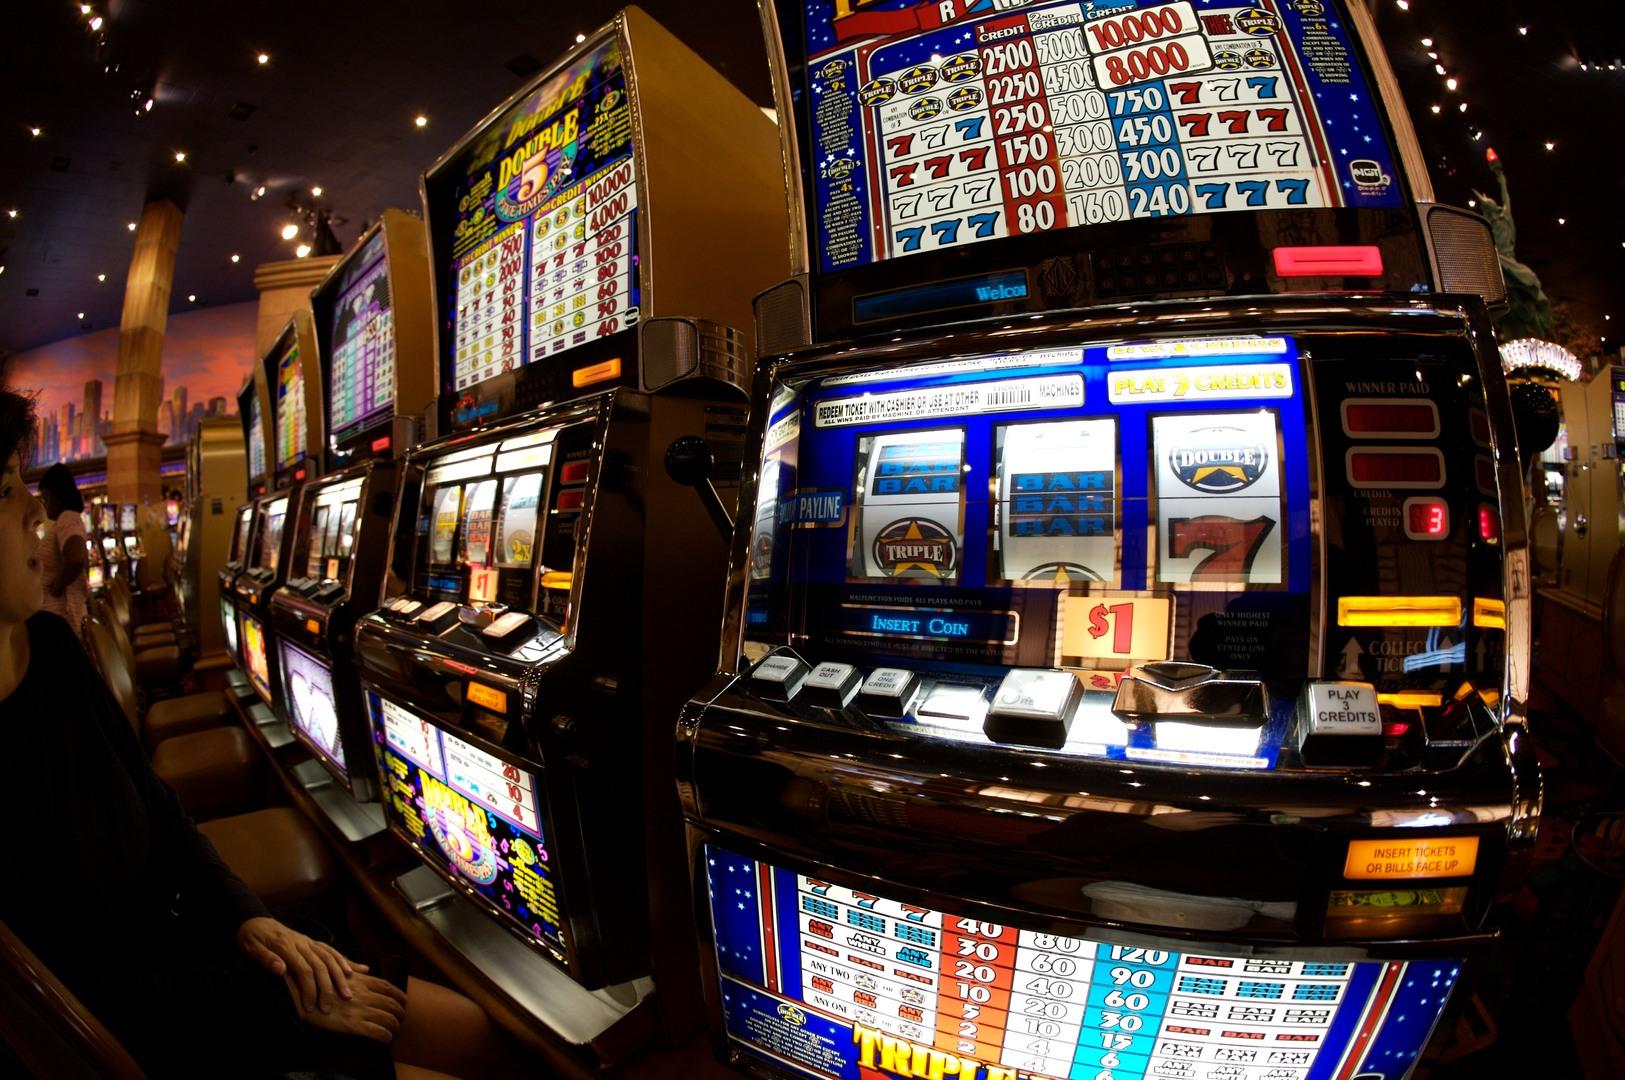 Dalla slot machine a Facebook: come la tecnologia ha cambiato il gioco d'azzardo